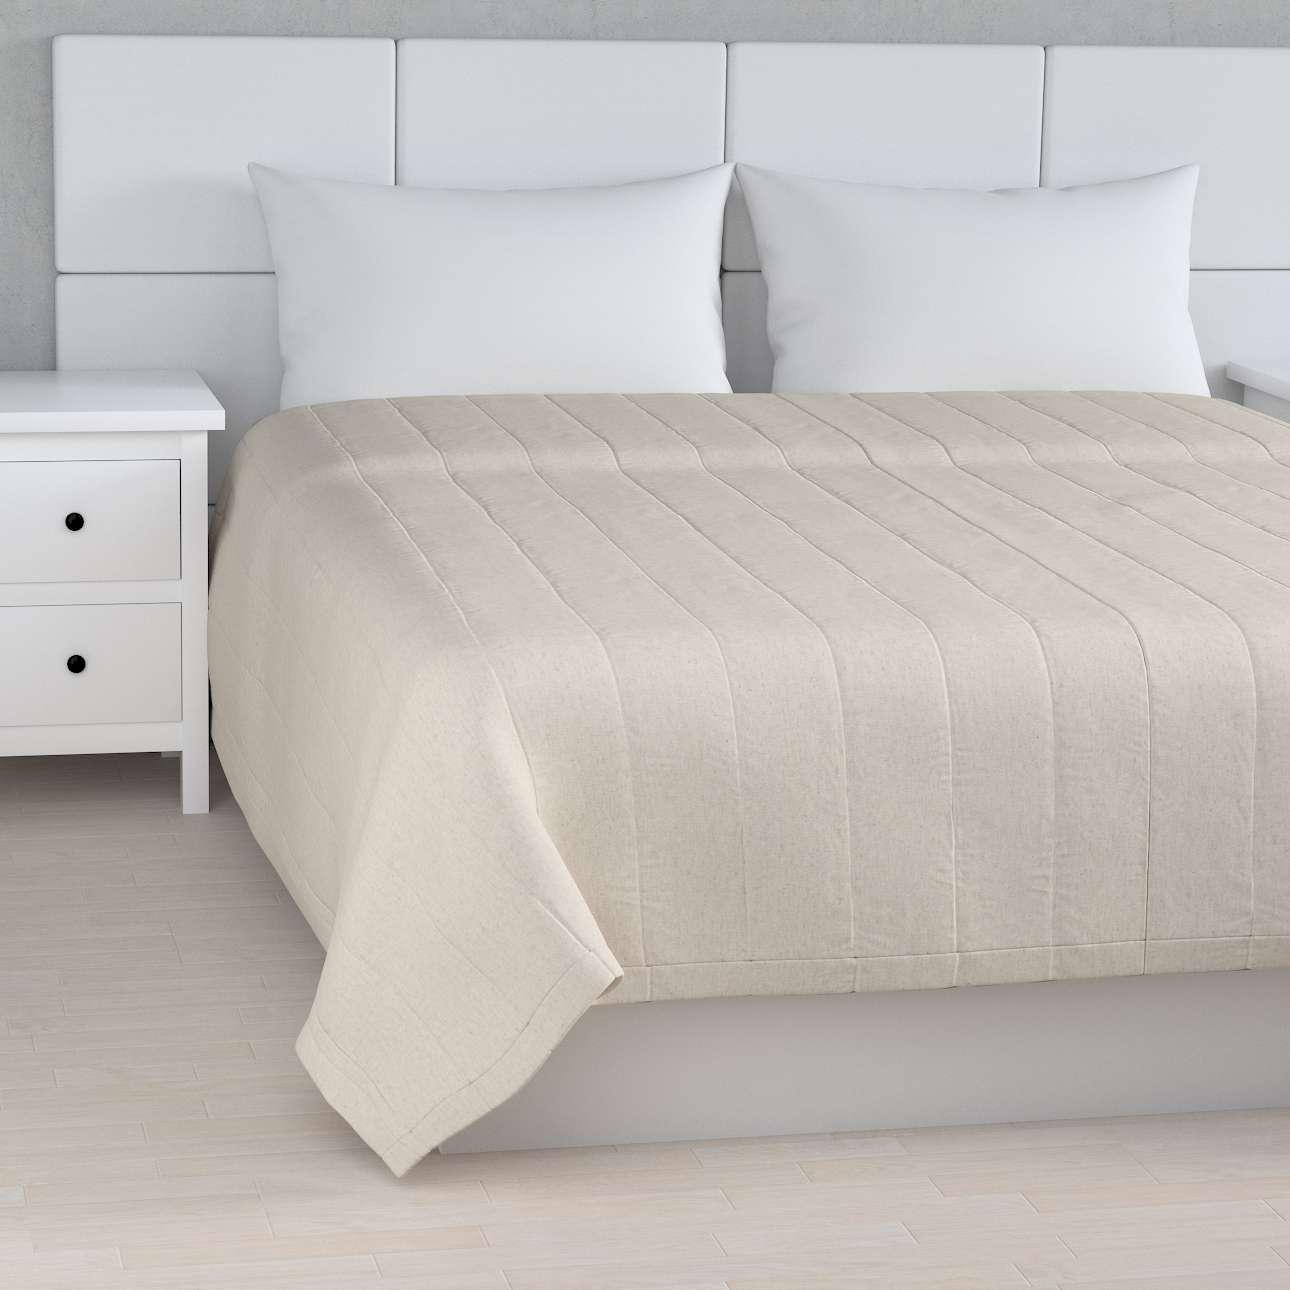 Prehoz  s pozdĺžným prešívaním V kolekcii Loneta, tkanina: 133-65